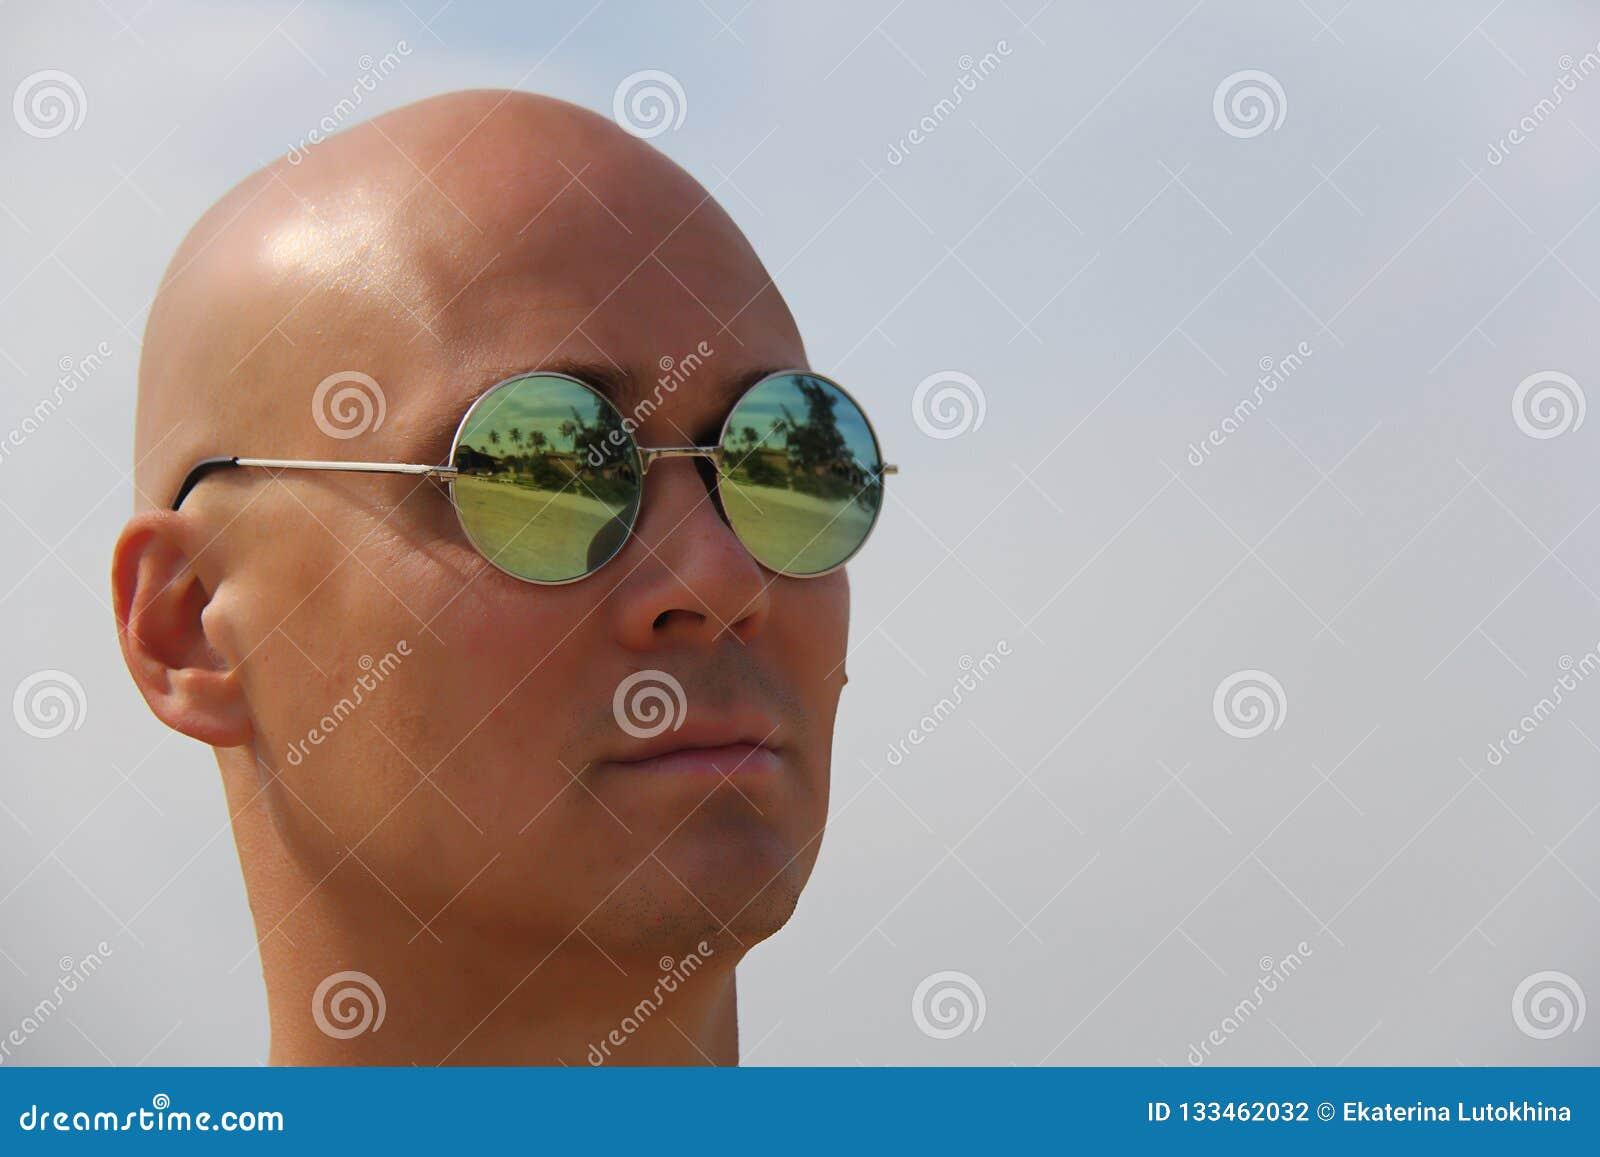 Hombre Espejo Hermoso De Bronceado Un En Gafas Sol Del Calvo 9DeHWEIYb2